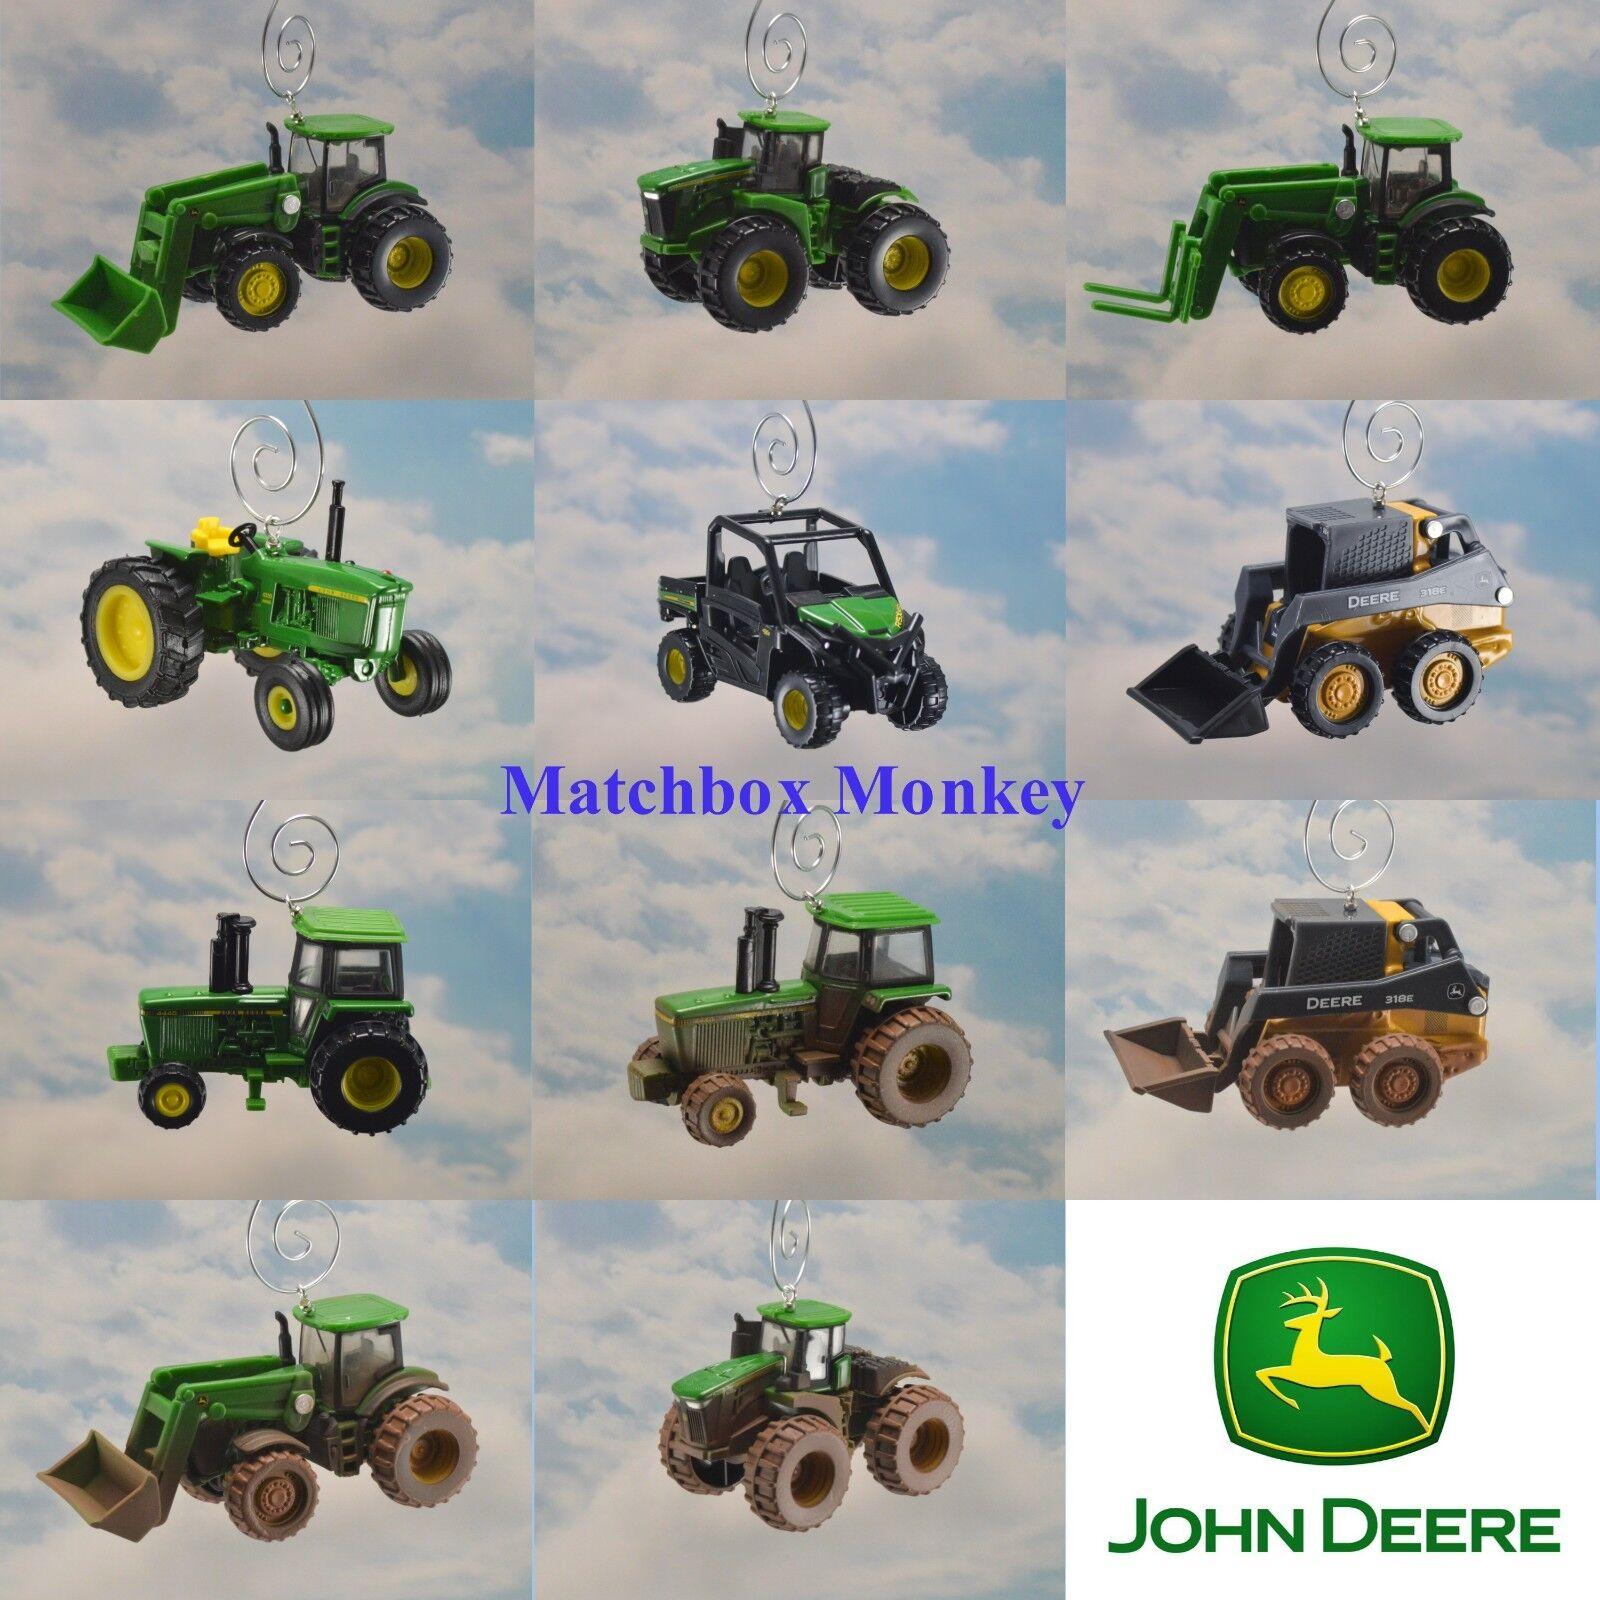 John Deere Gator 4x4 Tractor Skidsteer Forklift Loader Chris